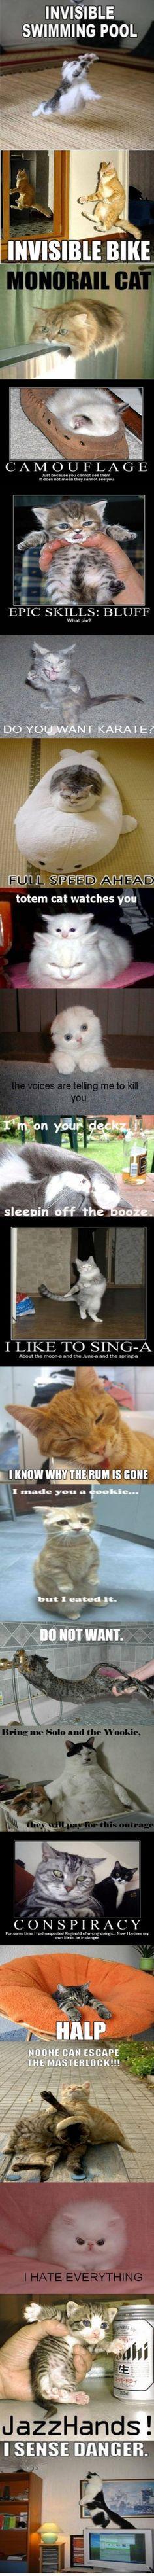 haha i love cat funnies